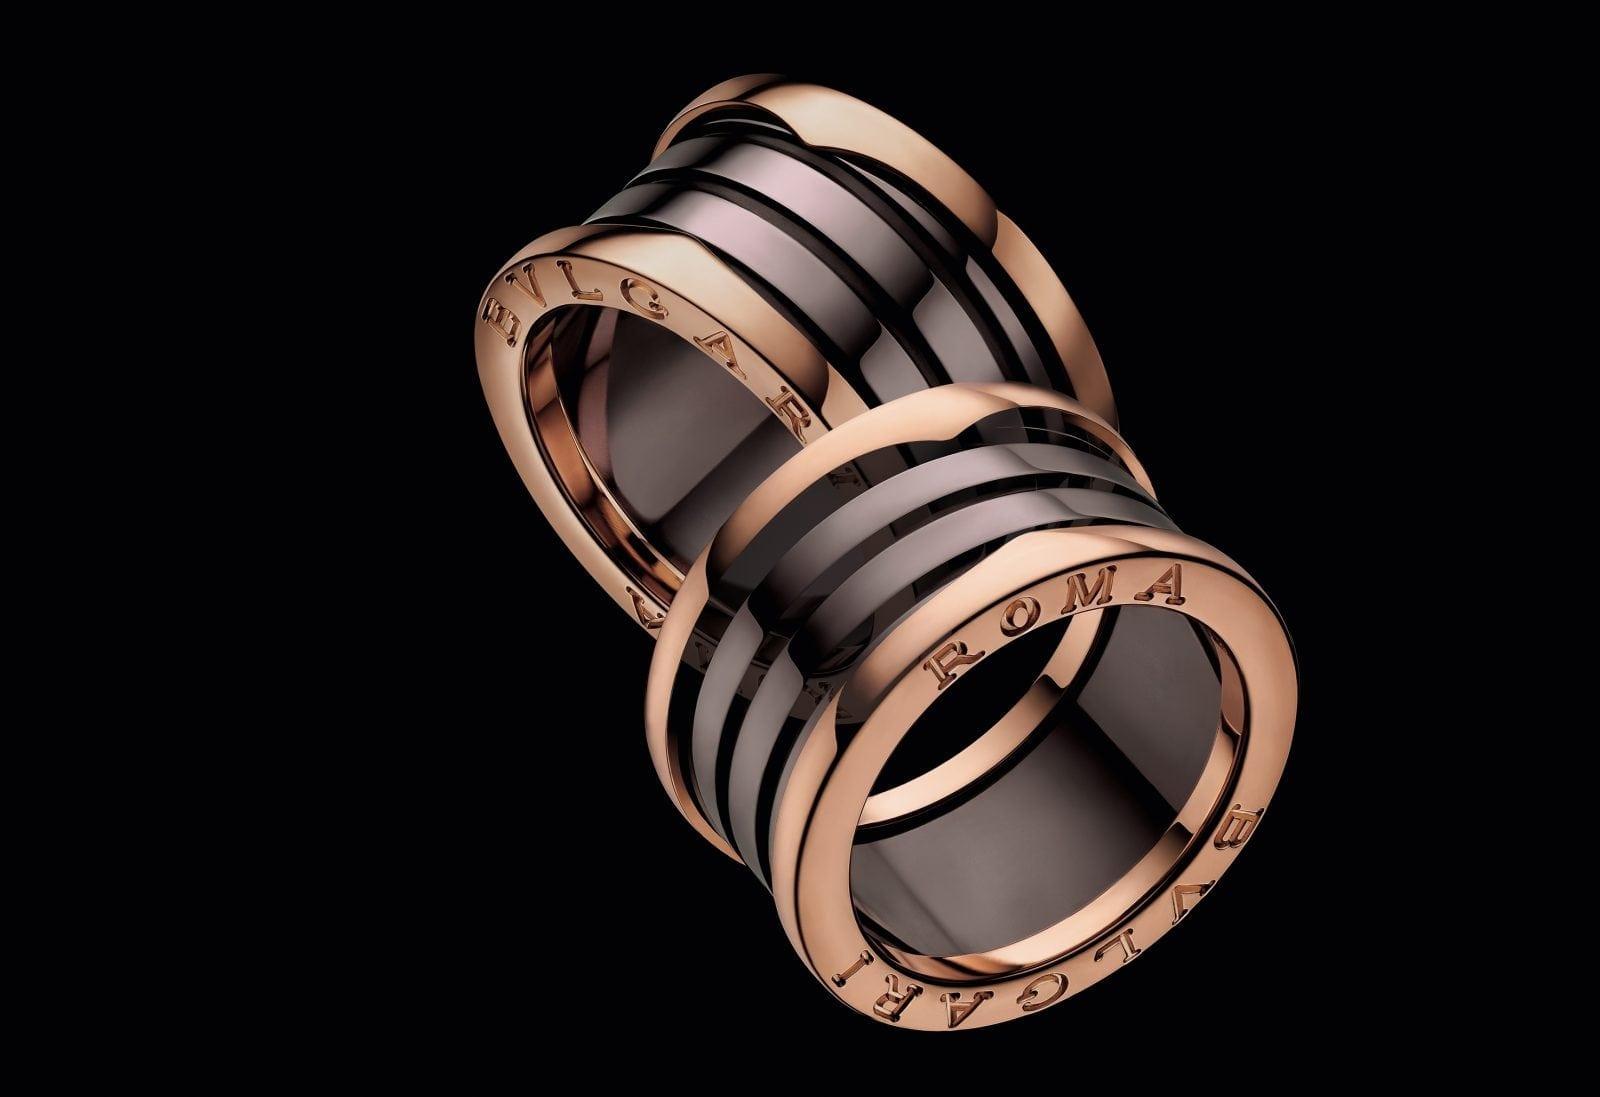 Bulgari Bzero1 Roma Ring - Inelul B.zero1 – celebrează 130 de ani de Bvlgari